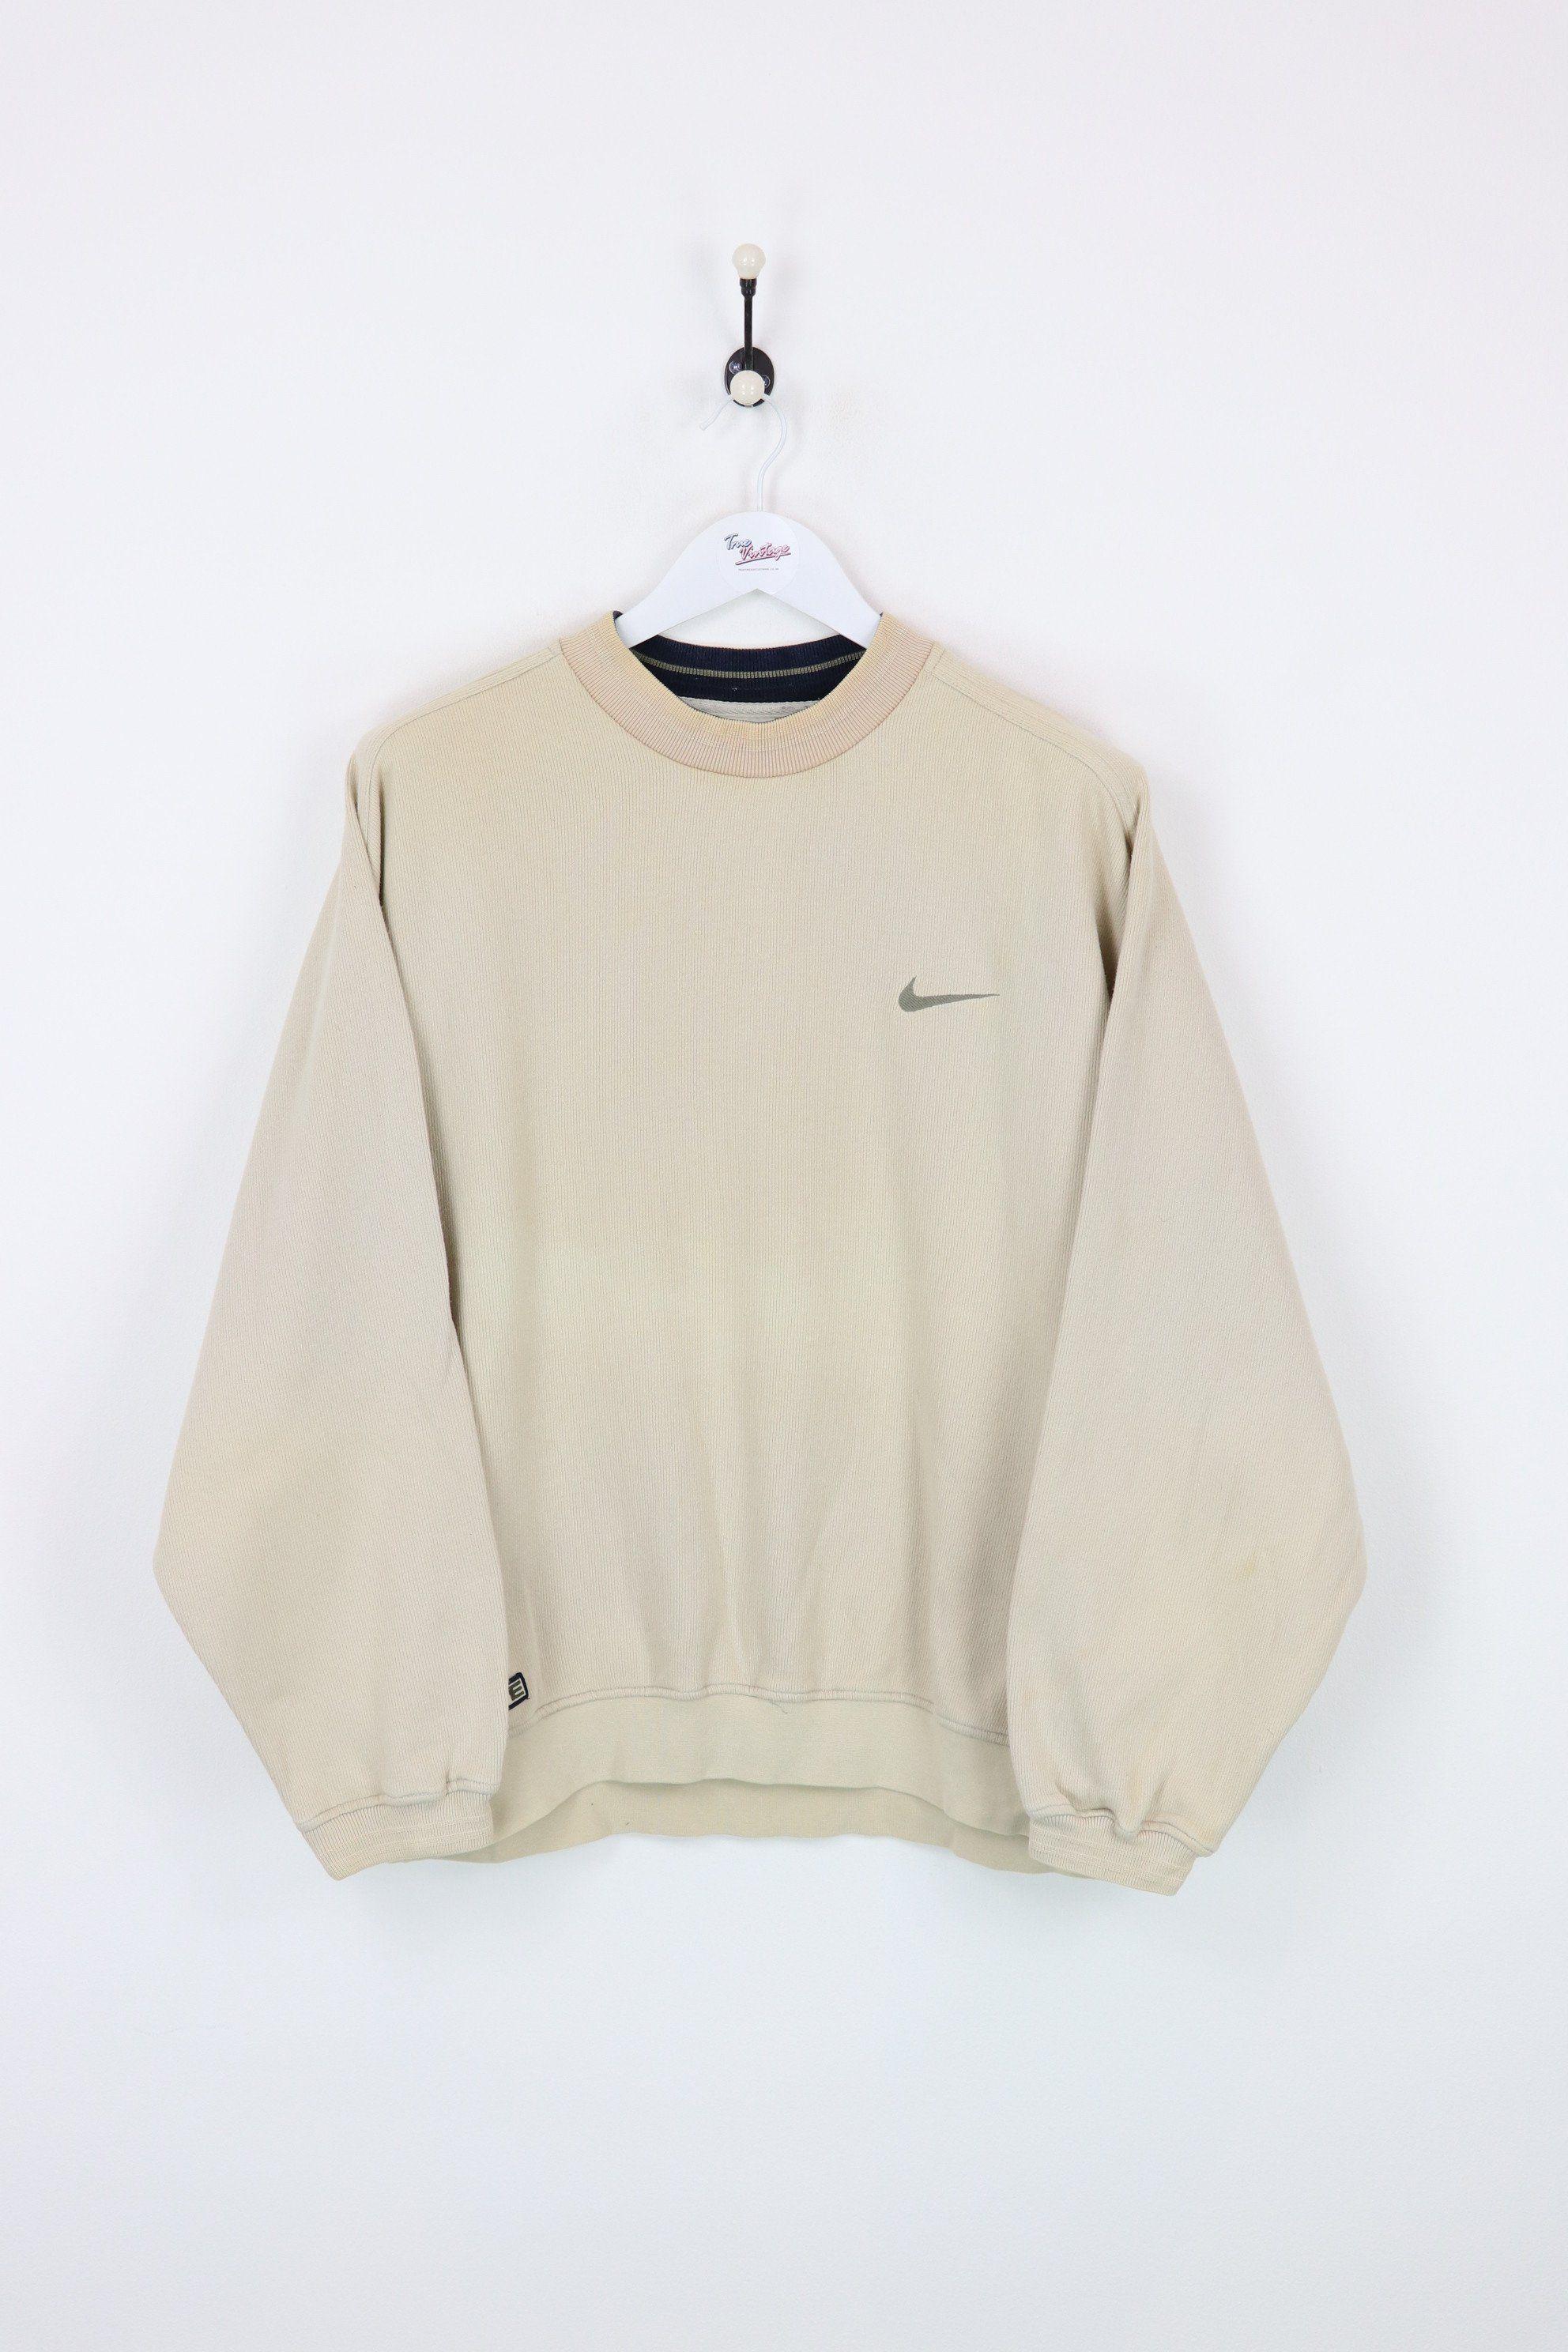 bda7164d2ae2 Nike Sweatshirt Beige Large   Vendor  NikeType  Sweatshirts  amp   HoodsPrice  30.00 Very